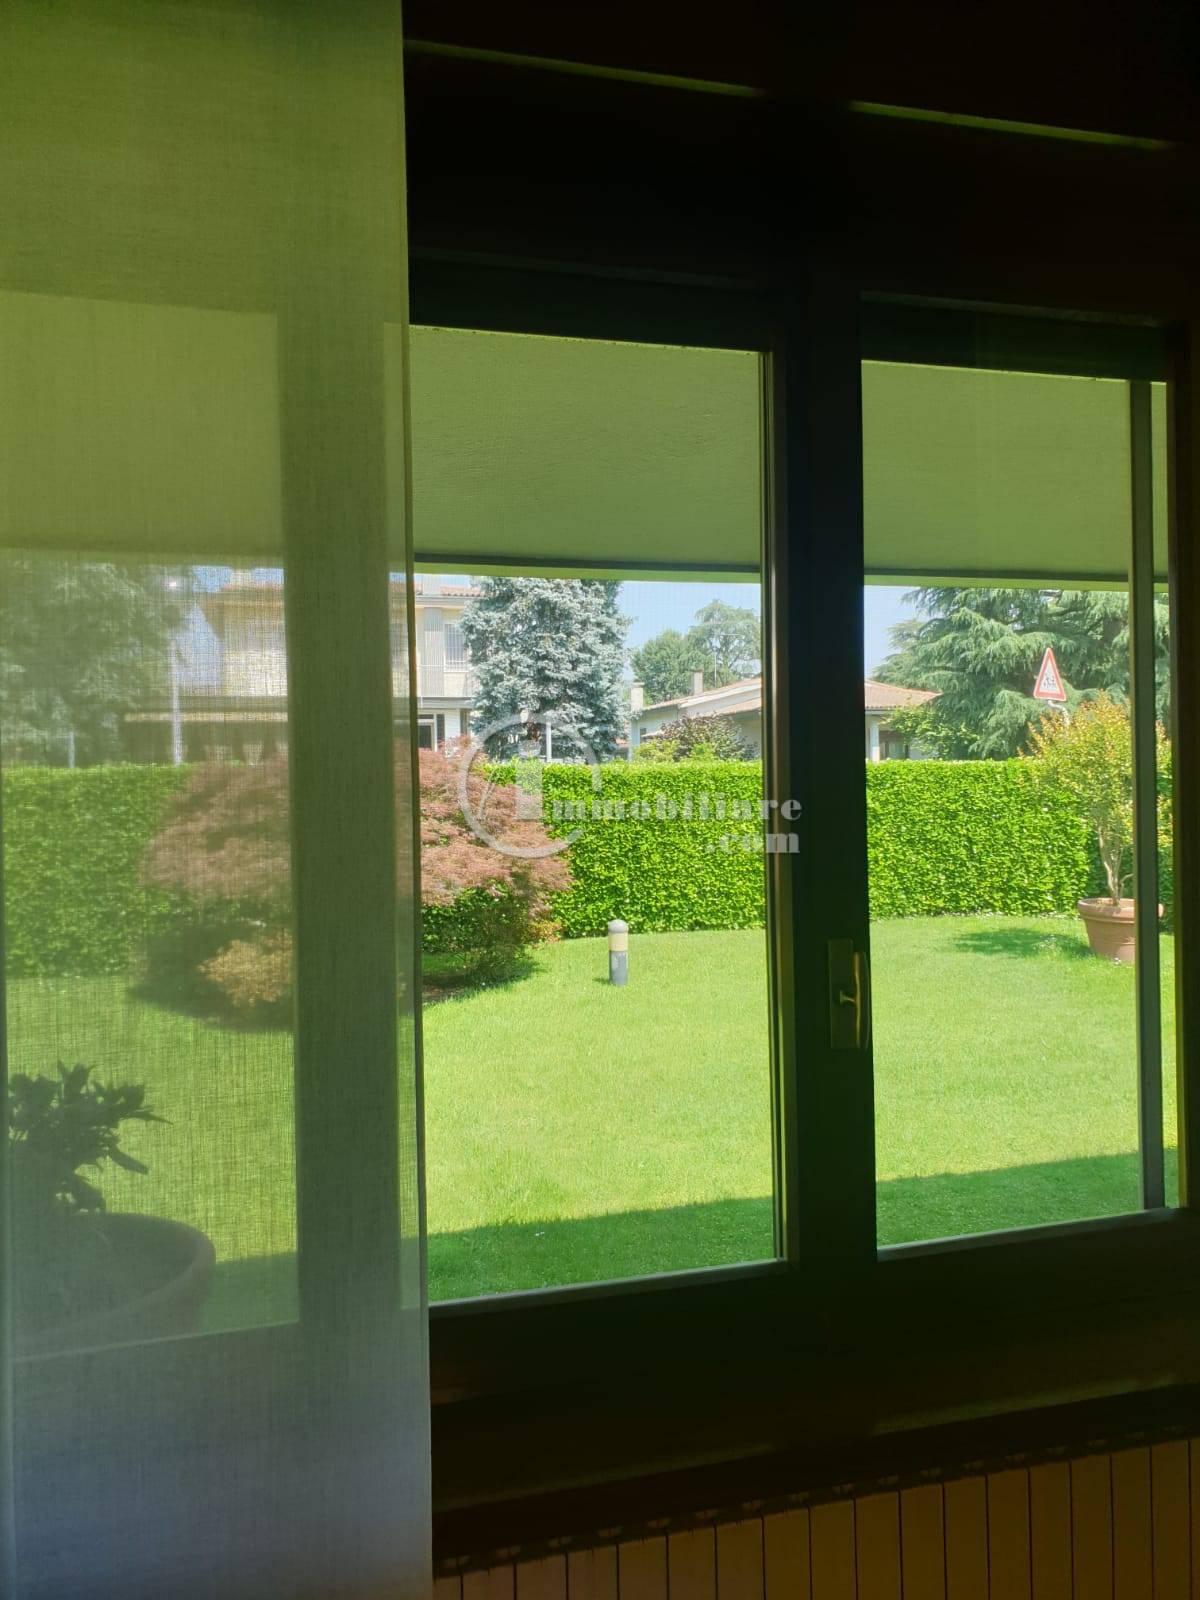 Villa in Vendita a Trezzano Sul Naviglio: 5 locali, 280 mq - Foto 18